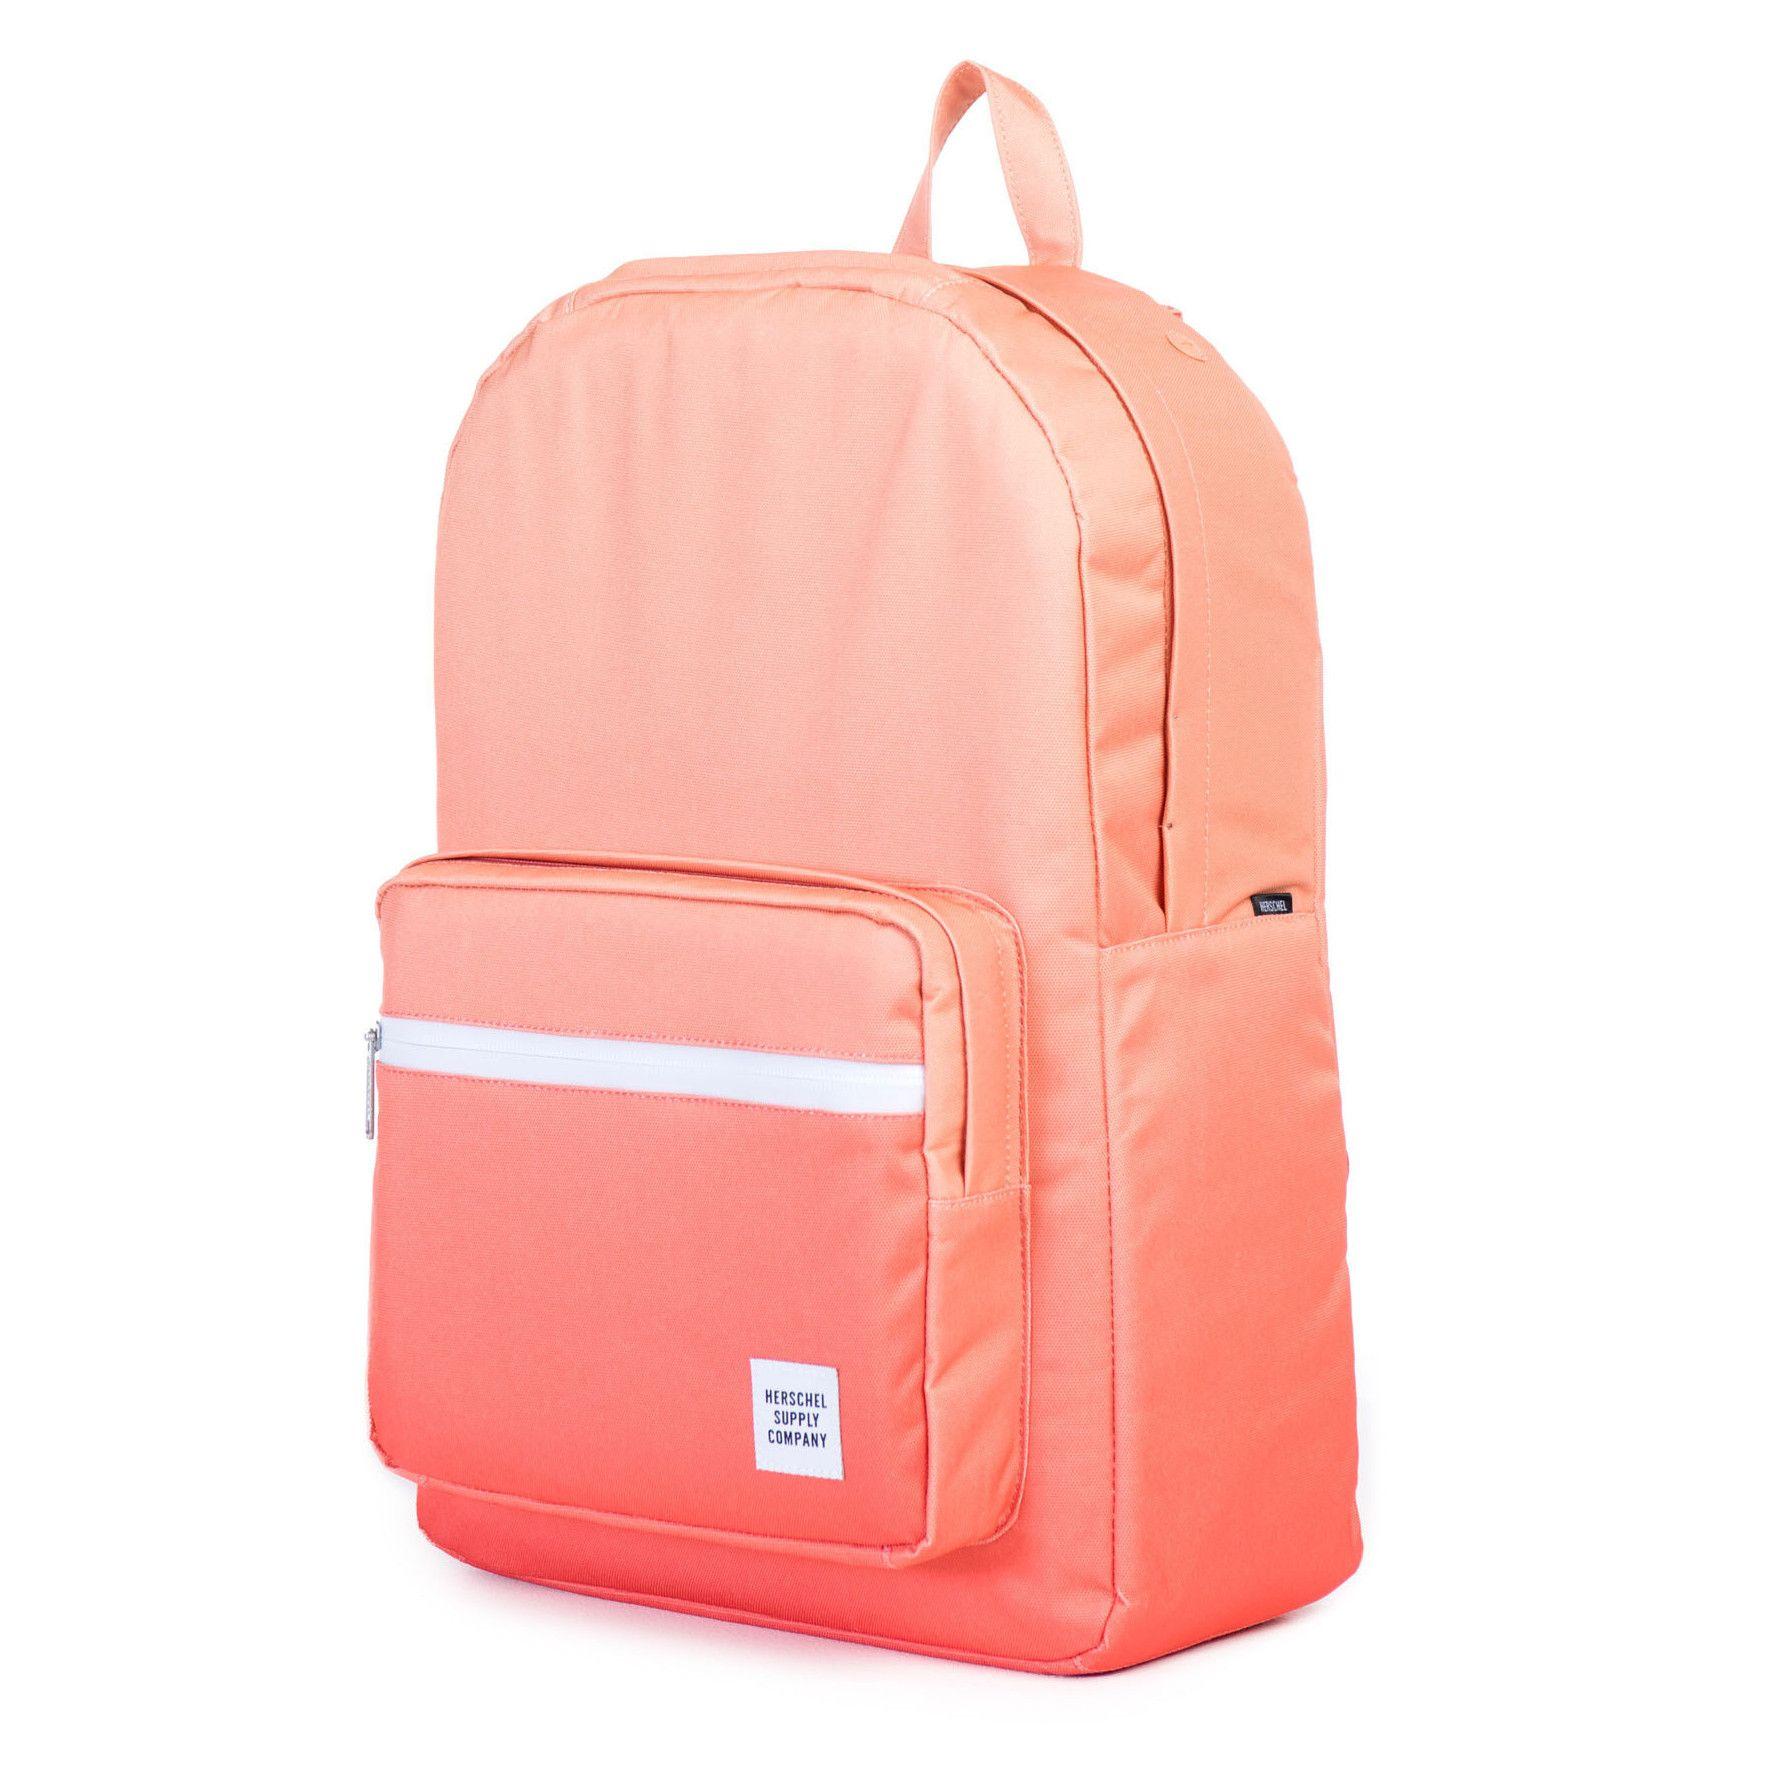 1febb5d5148 Herschel Supply Co.  Pop Quiz Backpack - Dusk